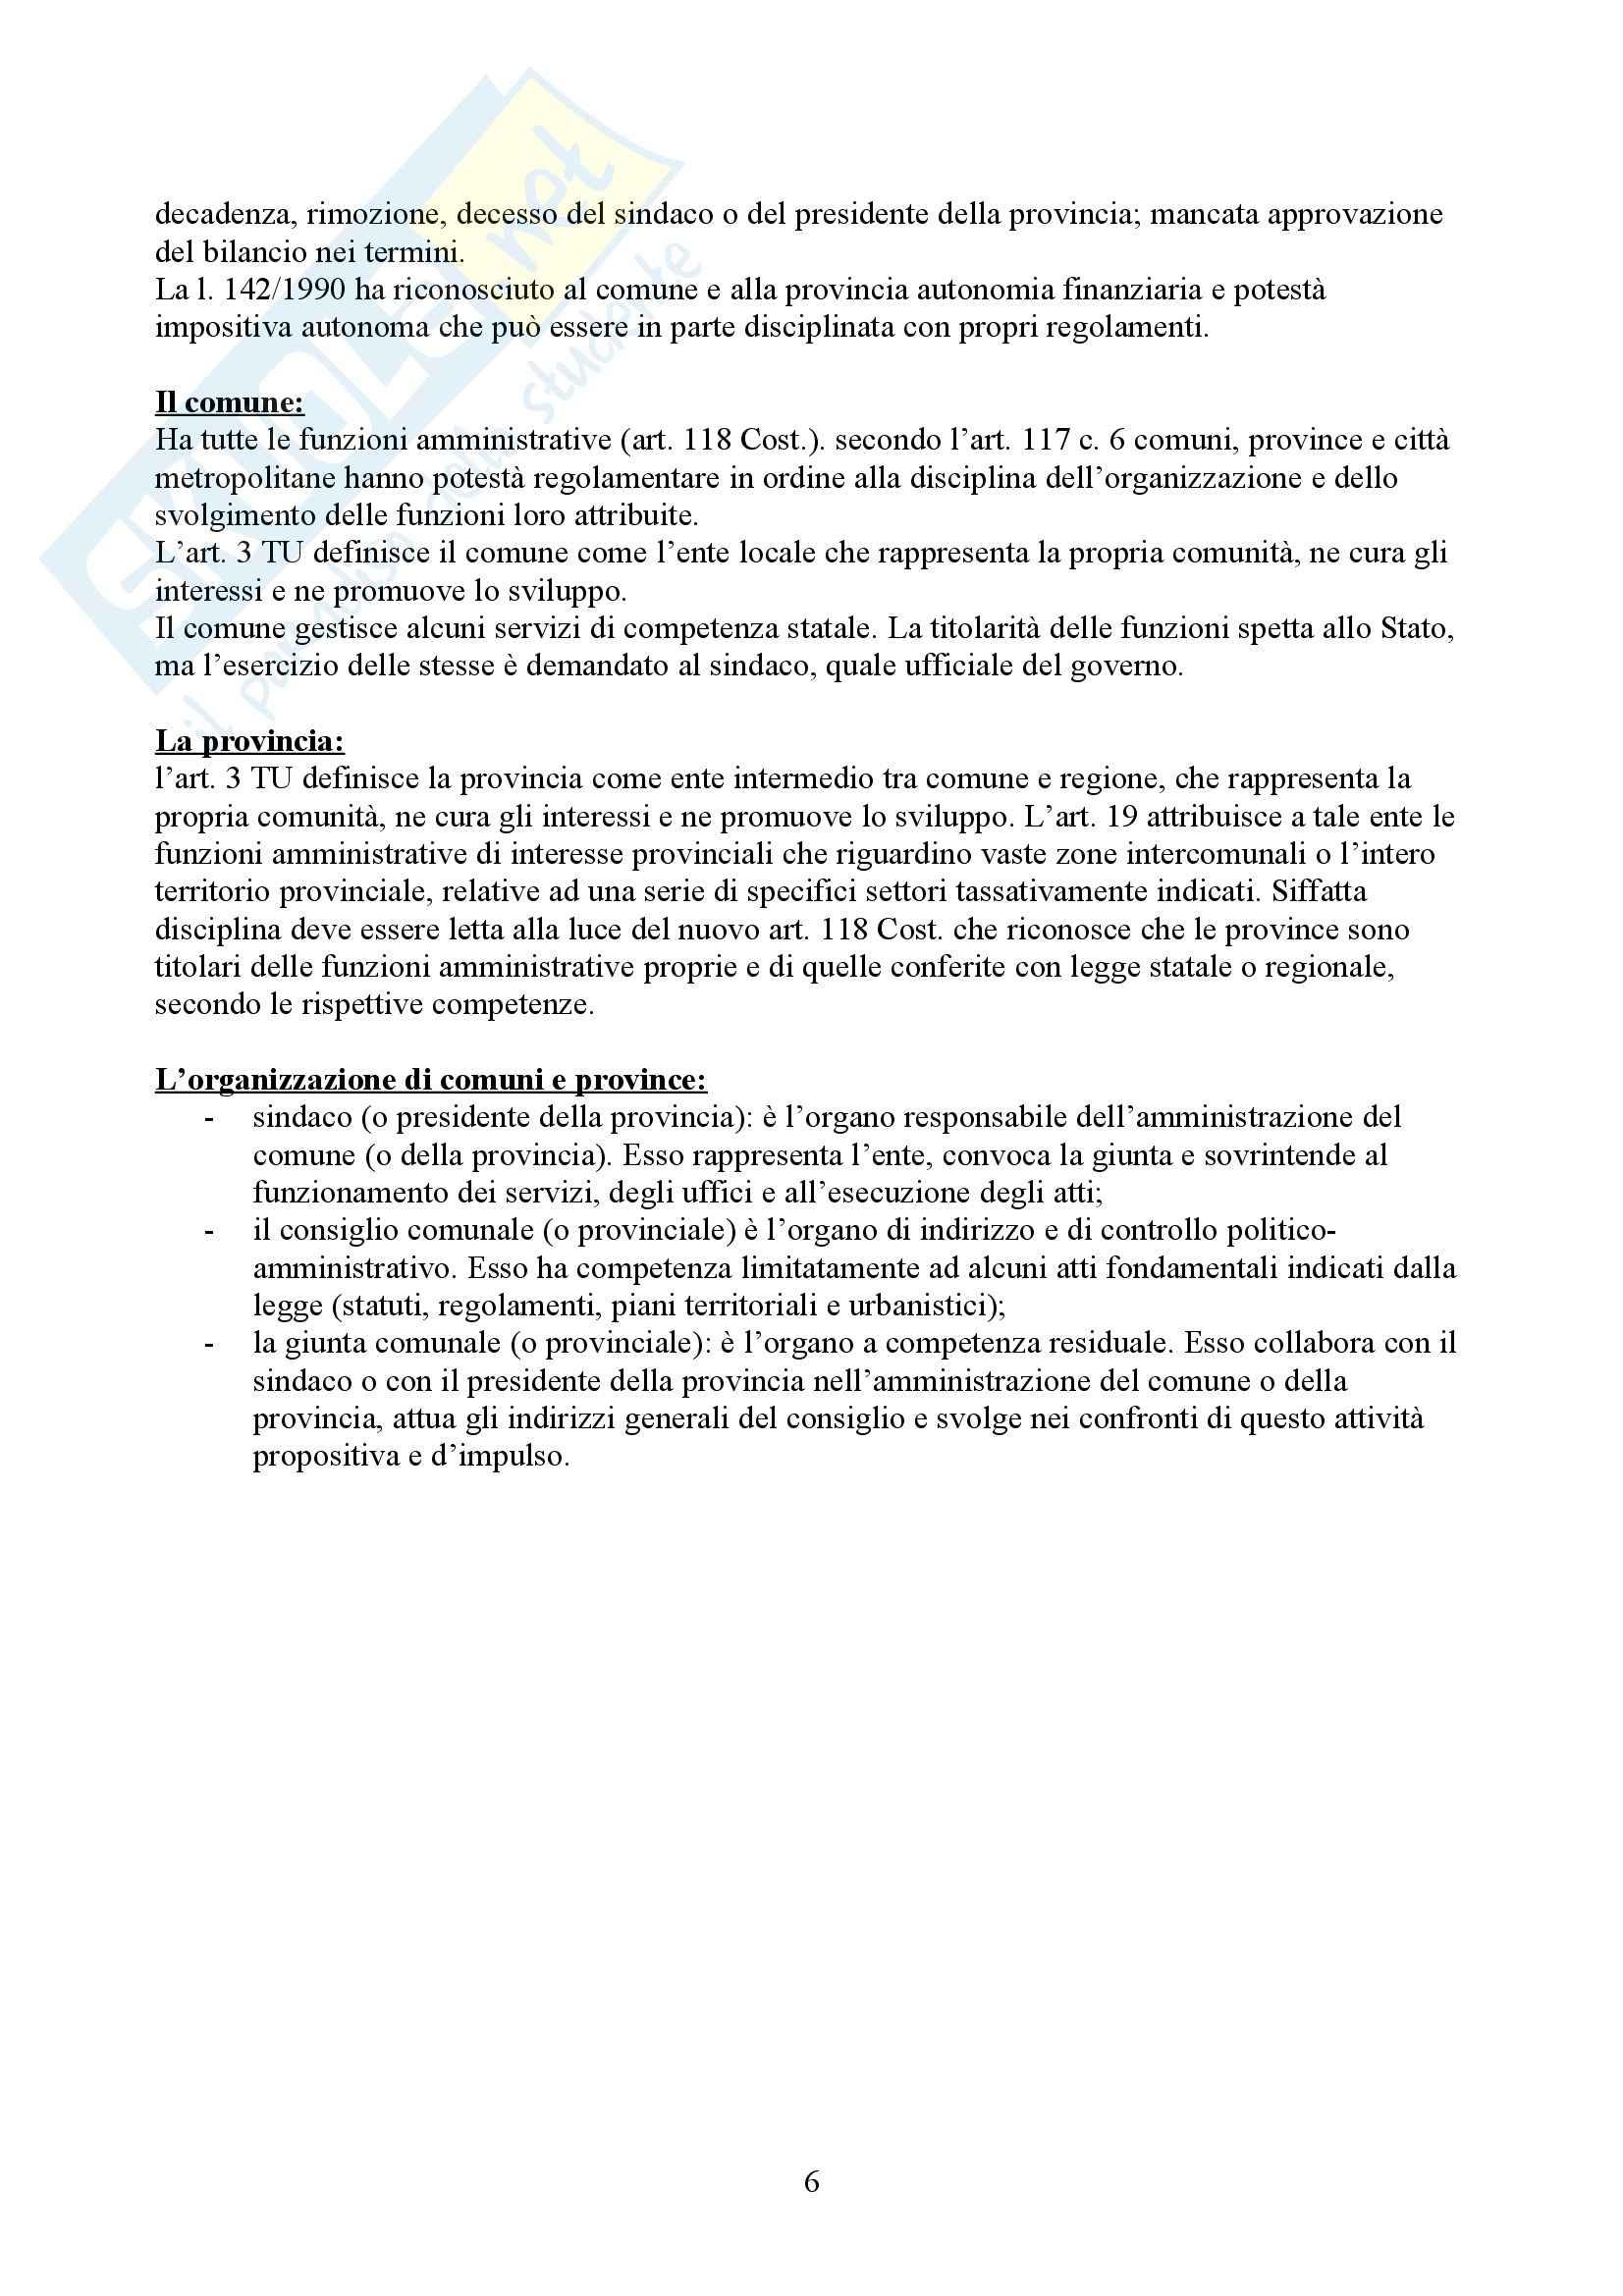 Diritto amministrativo - l'organizzazione degli Enti pubblici Pag. 6